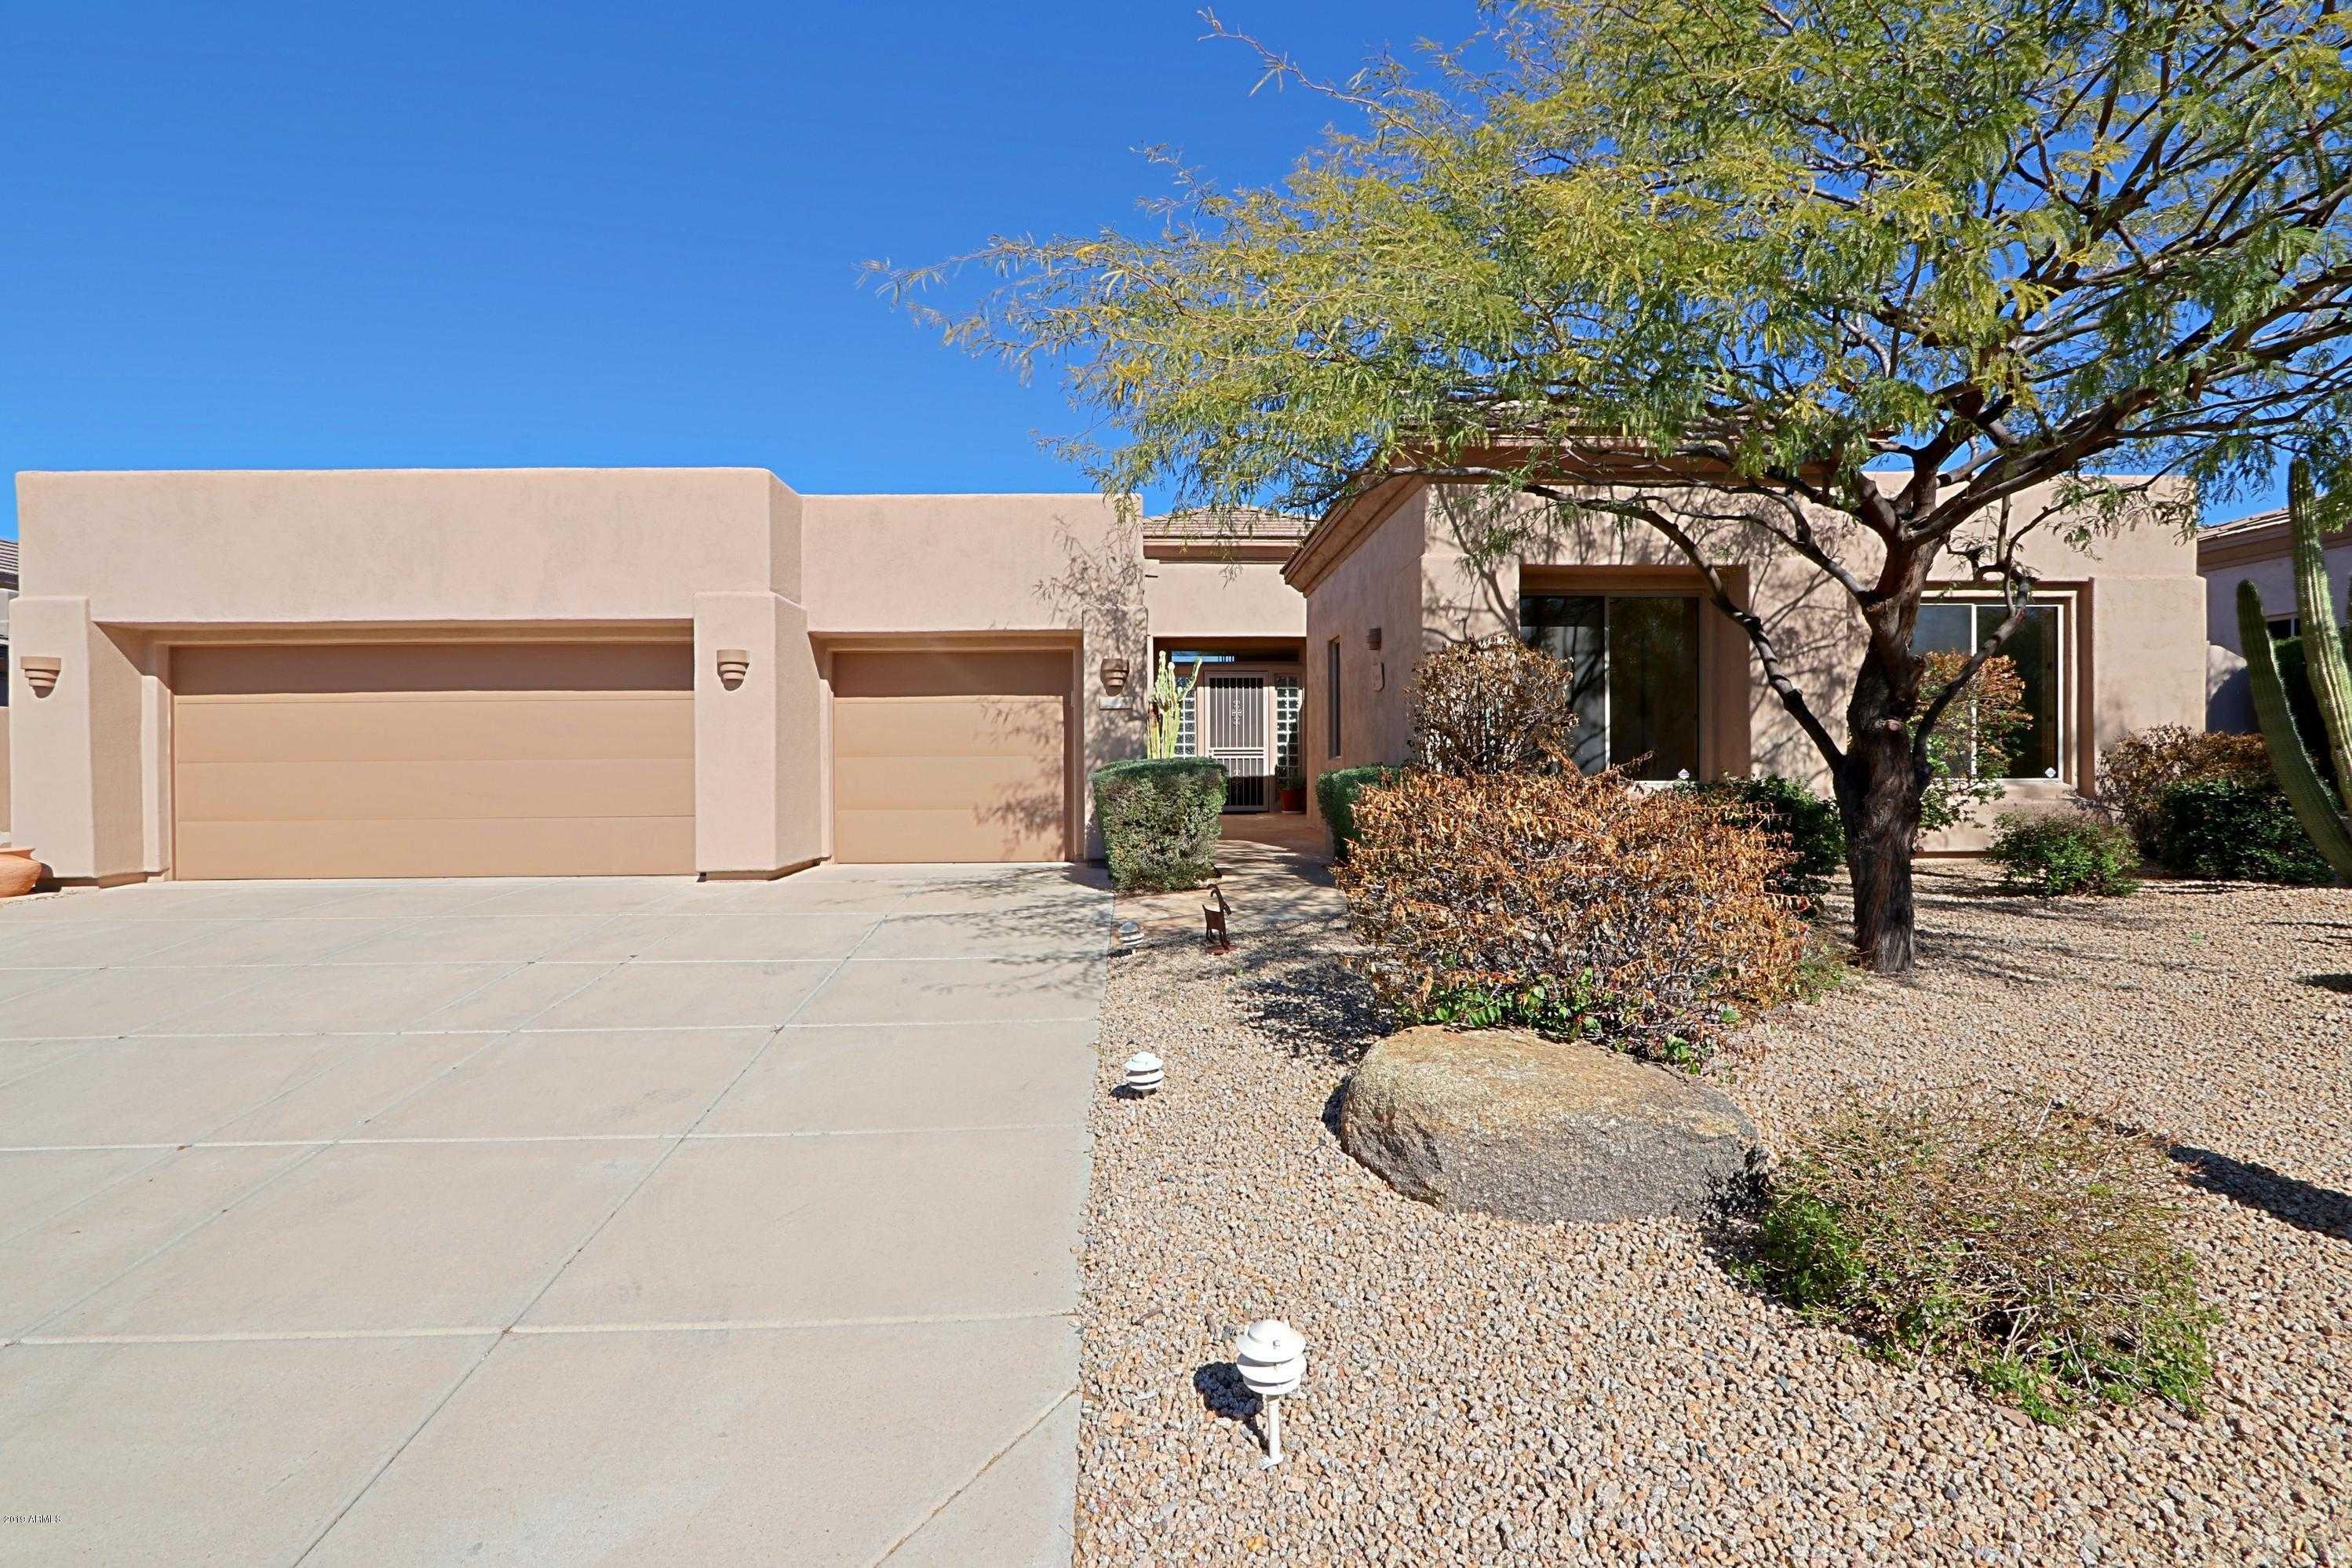 $775,000 - 3Br/3Ba - Home for Sale in Terravita, Scottsdale